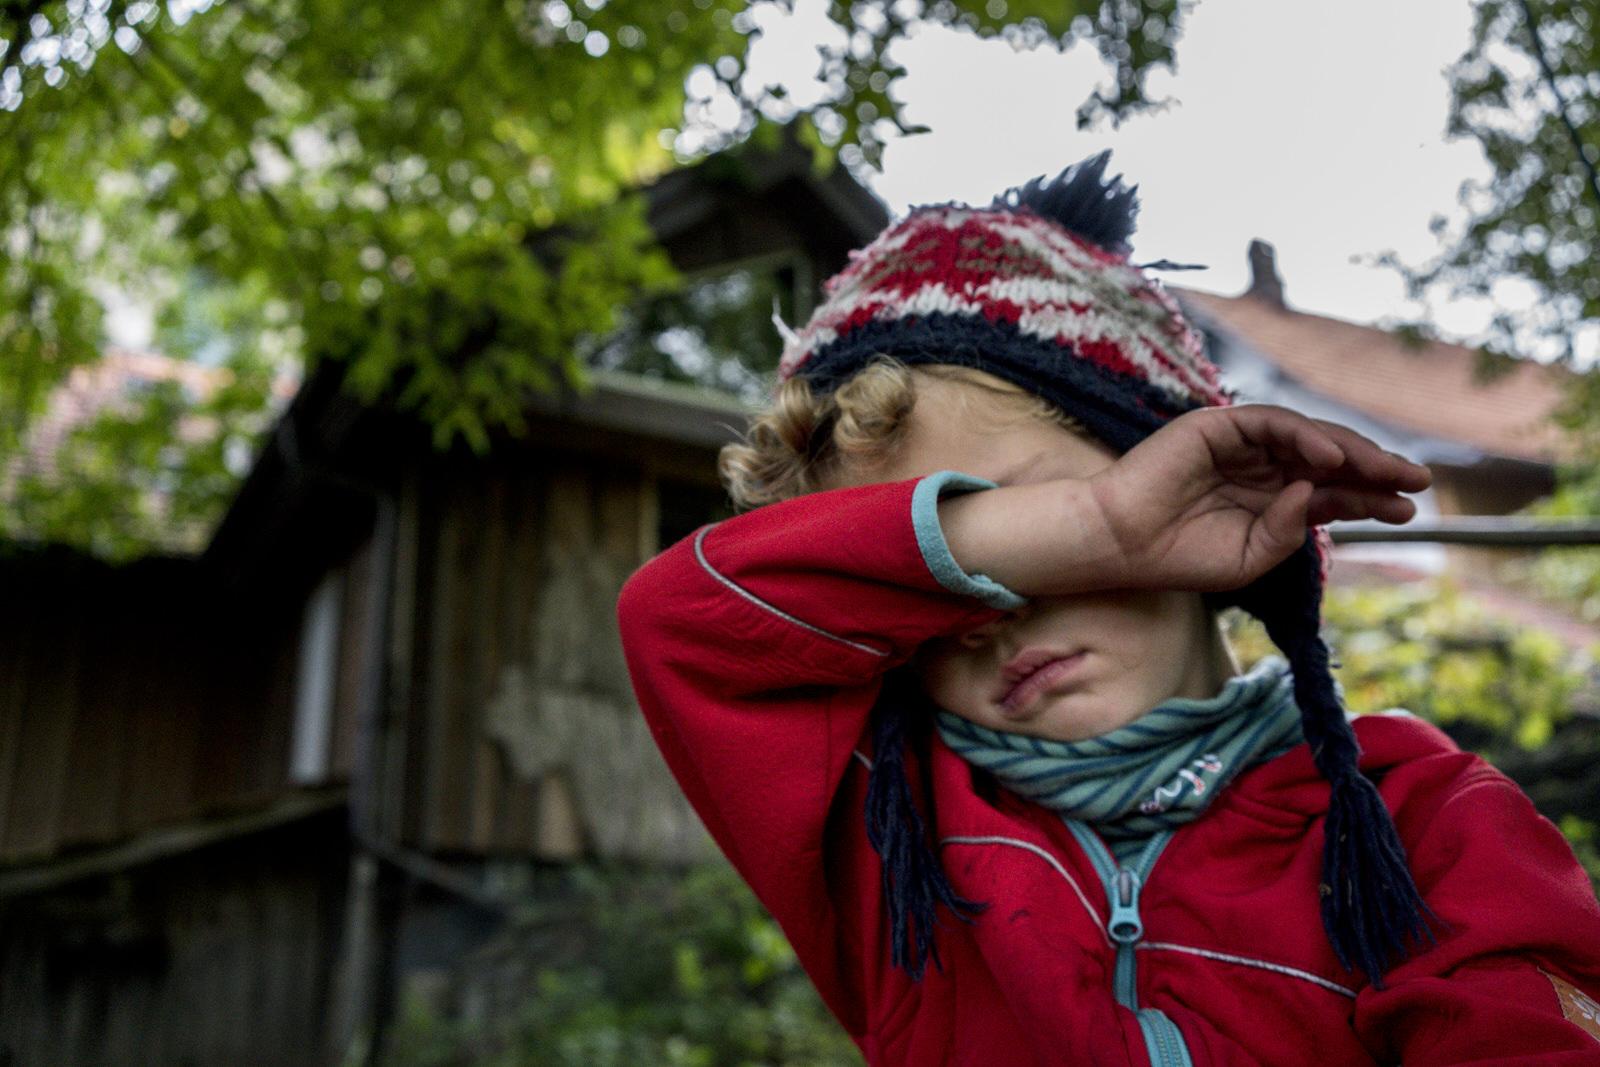 Junge traurig - Familienfotografin unterwegs | Familienfotos drinnen und draussen